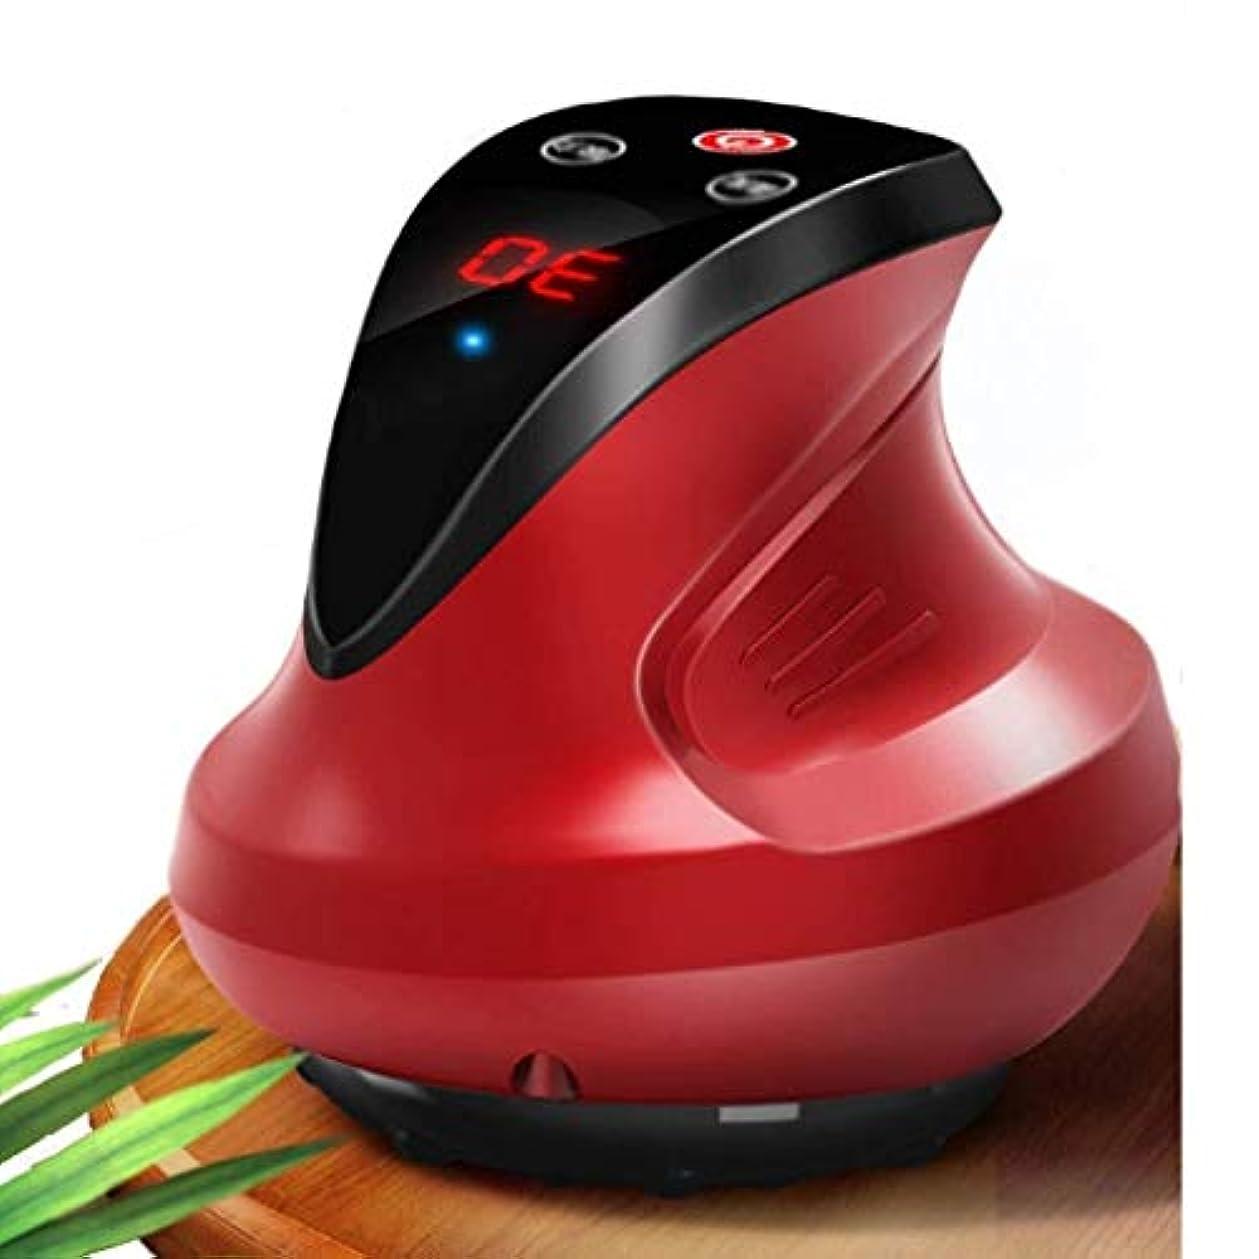 消費者貞ブロッサム電気グアシャマッサージ、加熱陰圧磁気療法、スクレーピングデトックスマッサージ、陰圧リンファデトックスSPAグアシャマッサージ (Color : 赤)